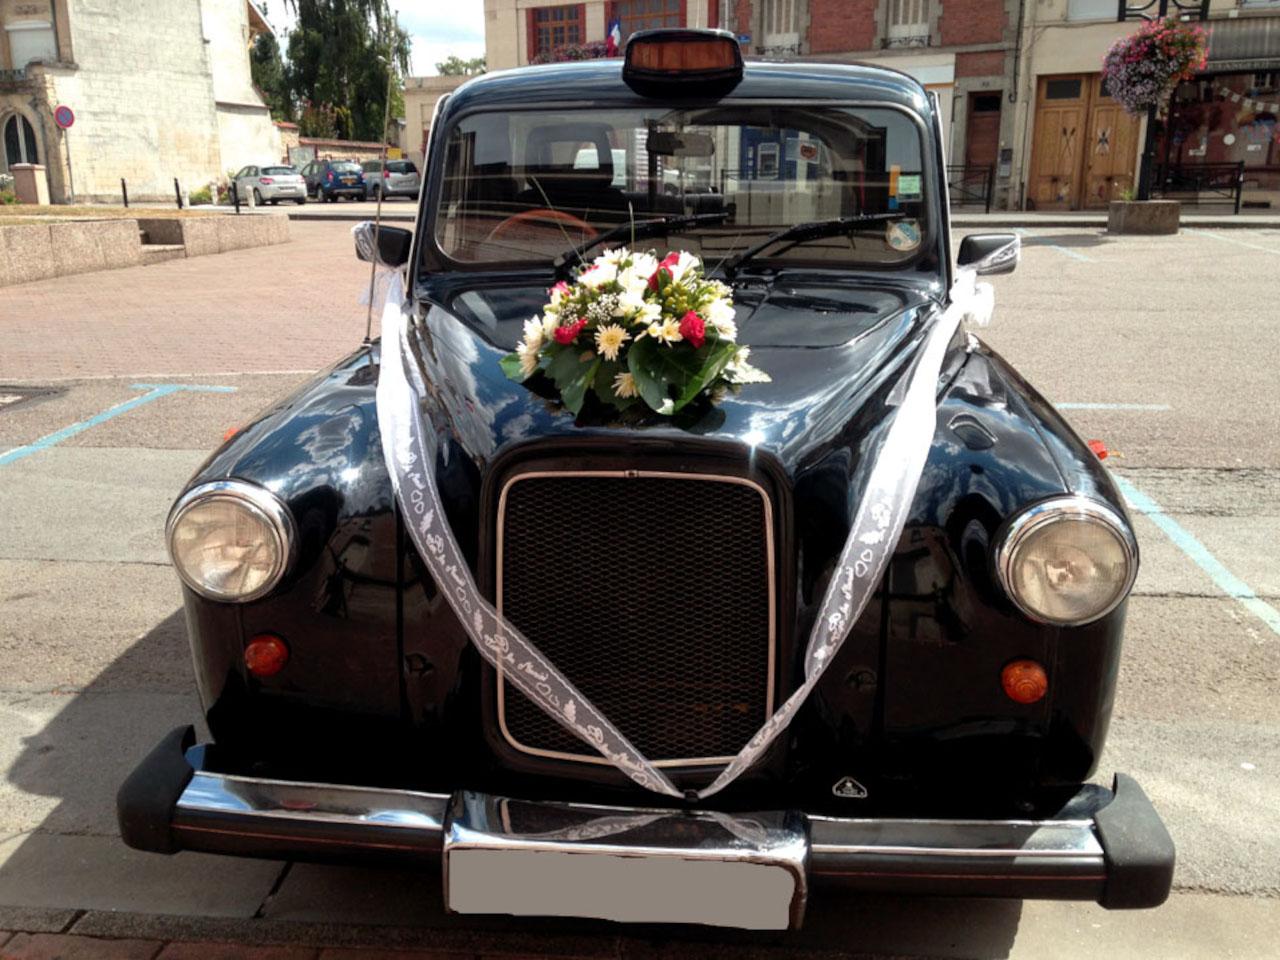 taxi anglais noir décoration florale bandes de tulle capot